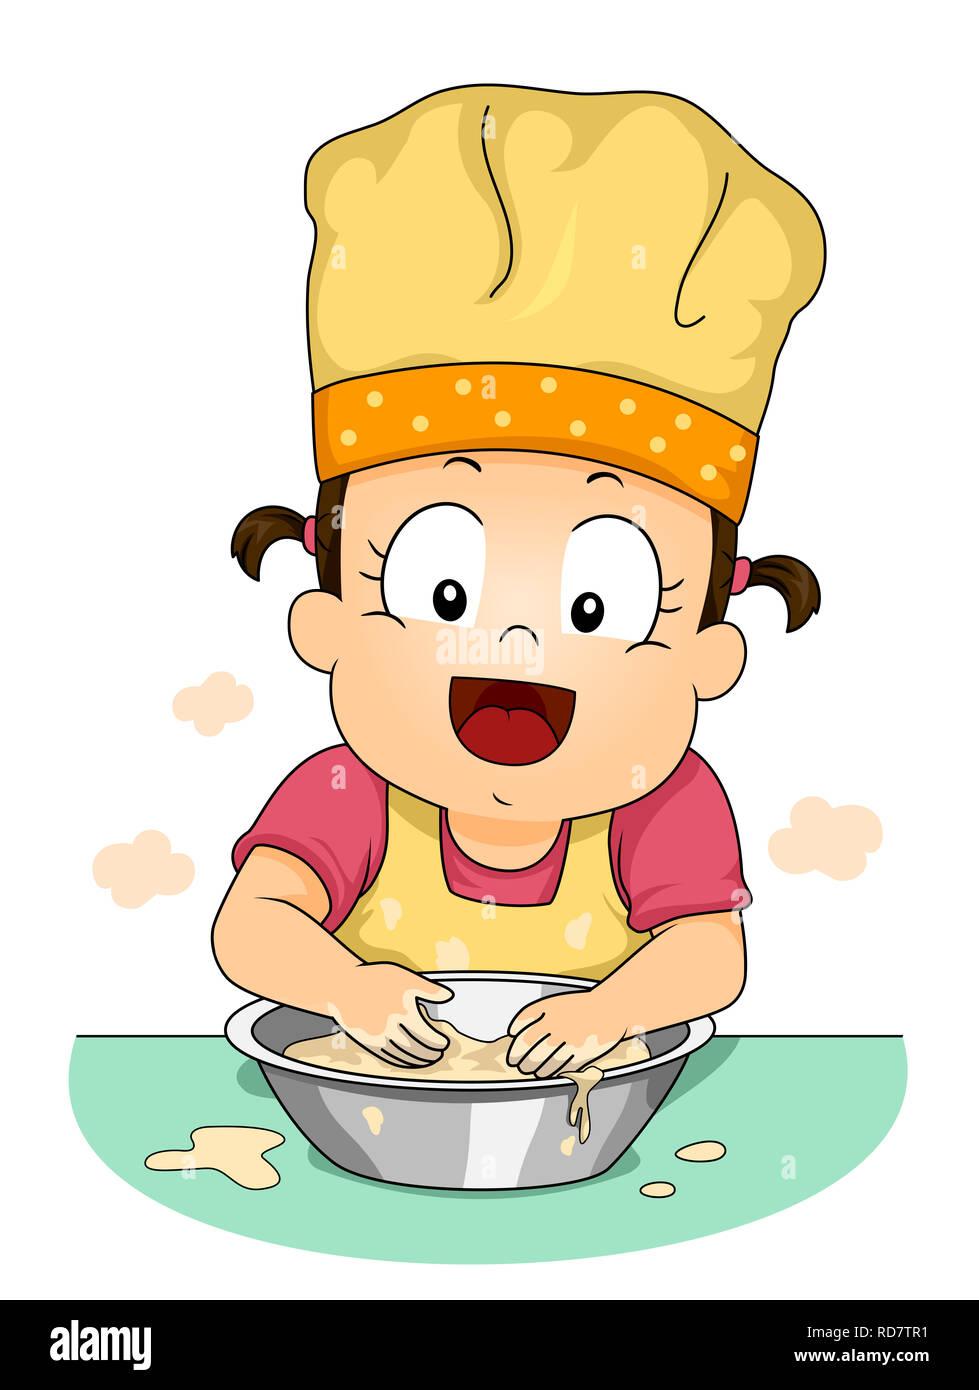 Illustrazione di una ragazza di capretto Toddler indossando Chef Hat e gli  impasti Immagini Stock 7357c8d05c0b